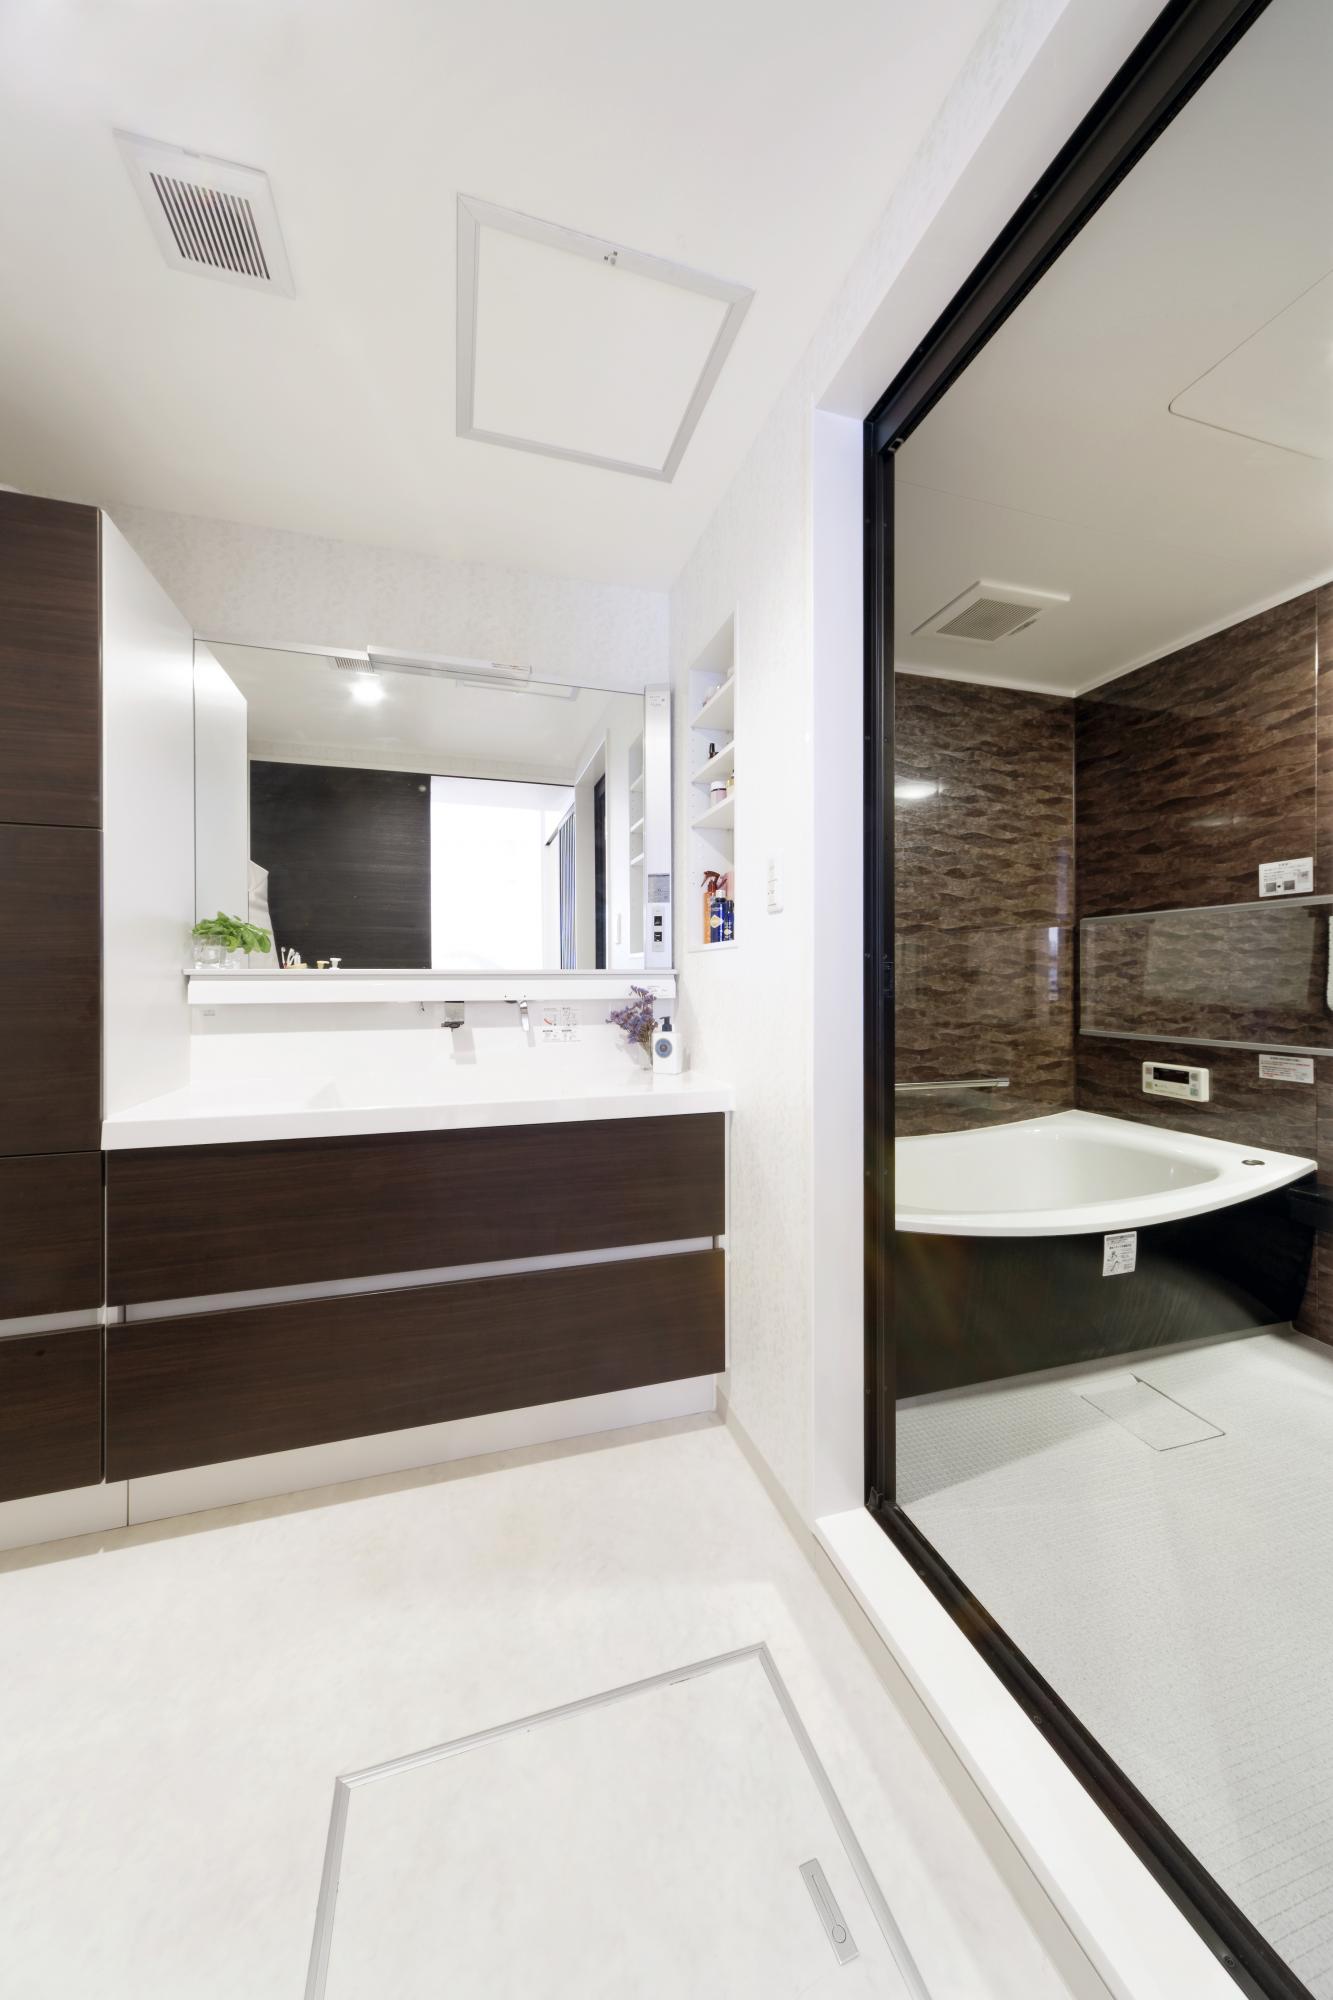 キッチンのカップボードと色や質感を合わせた洗面化粧台。浴室も大理石調の落ち着いたデザインの物を選んだ。浴槽もゆとりのあるサイズを選択。